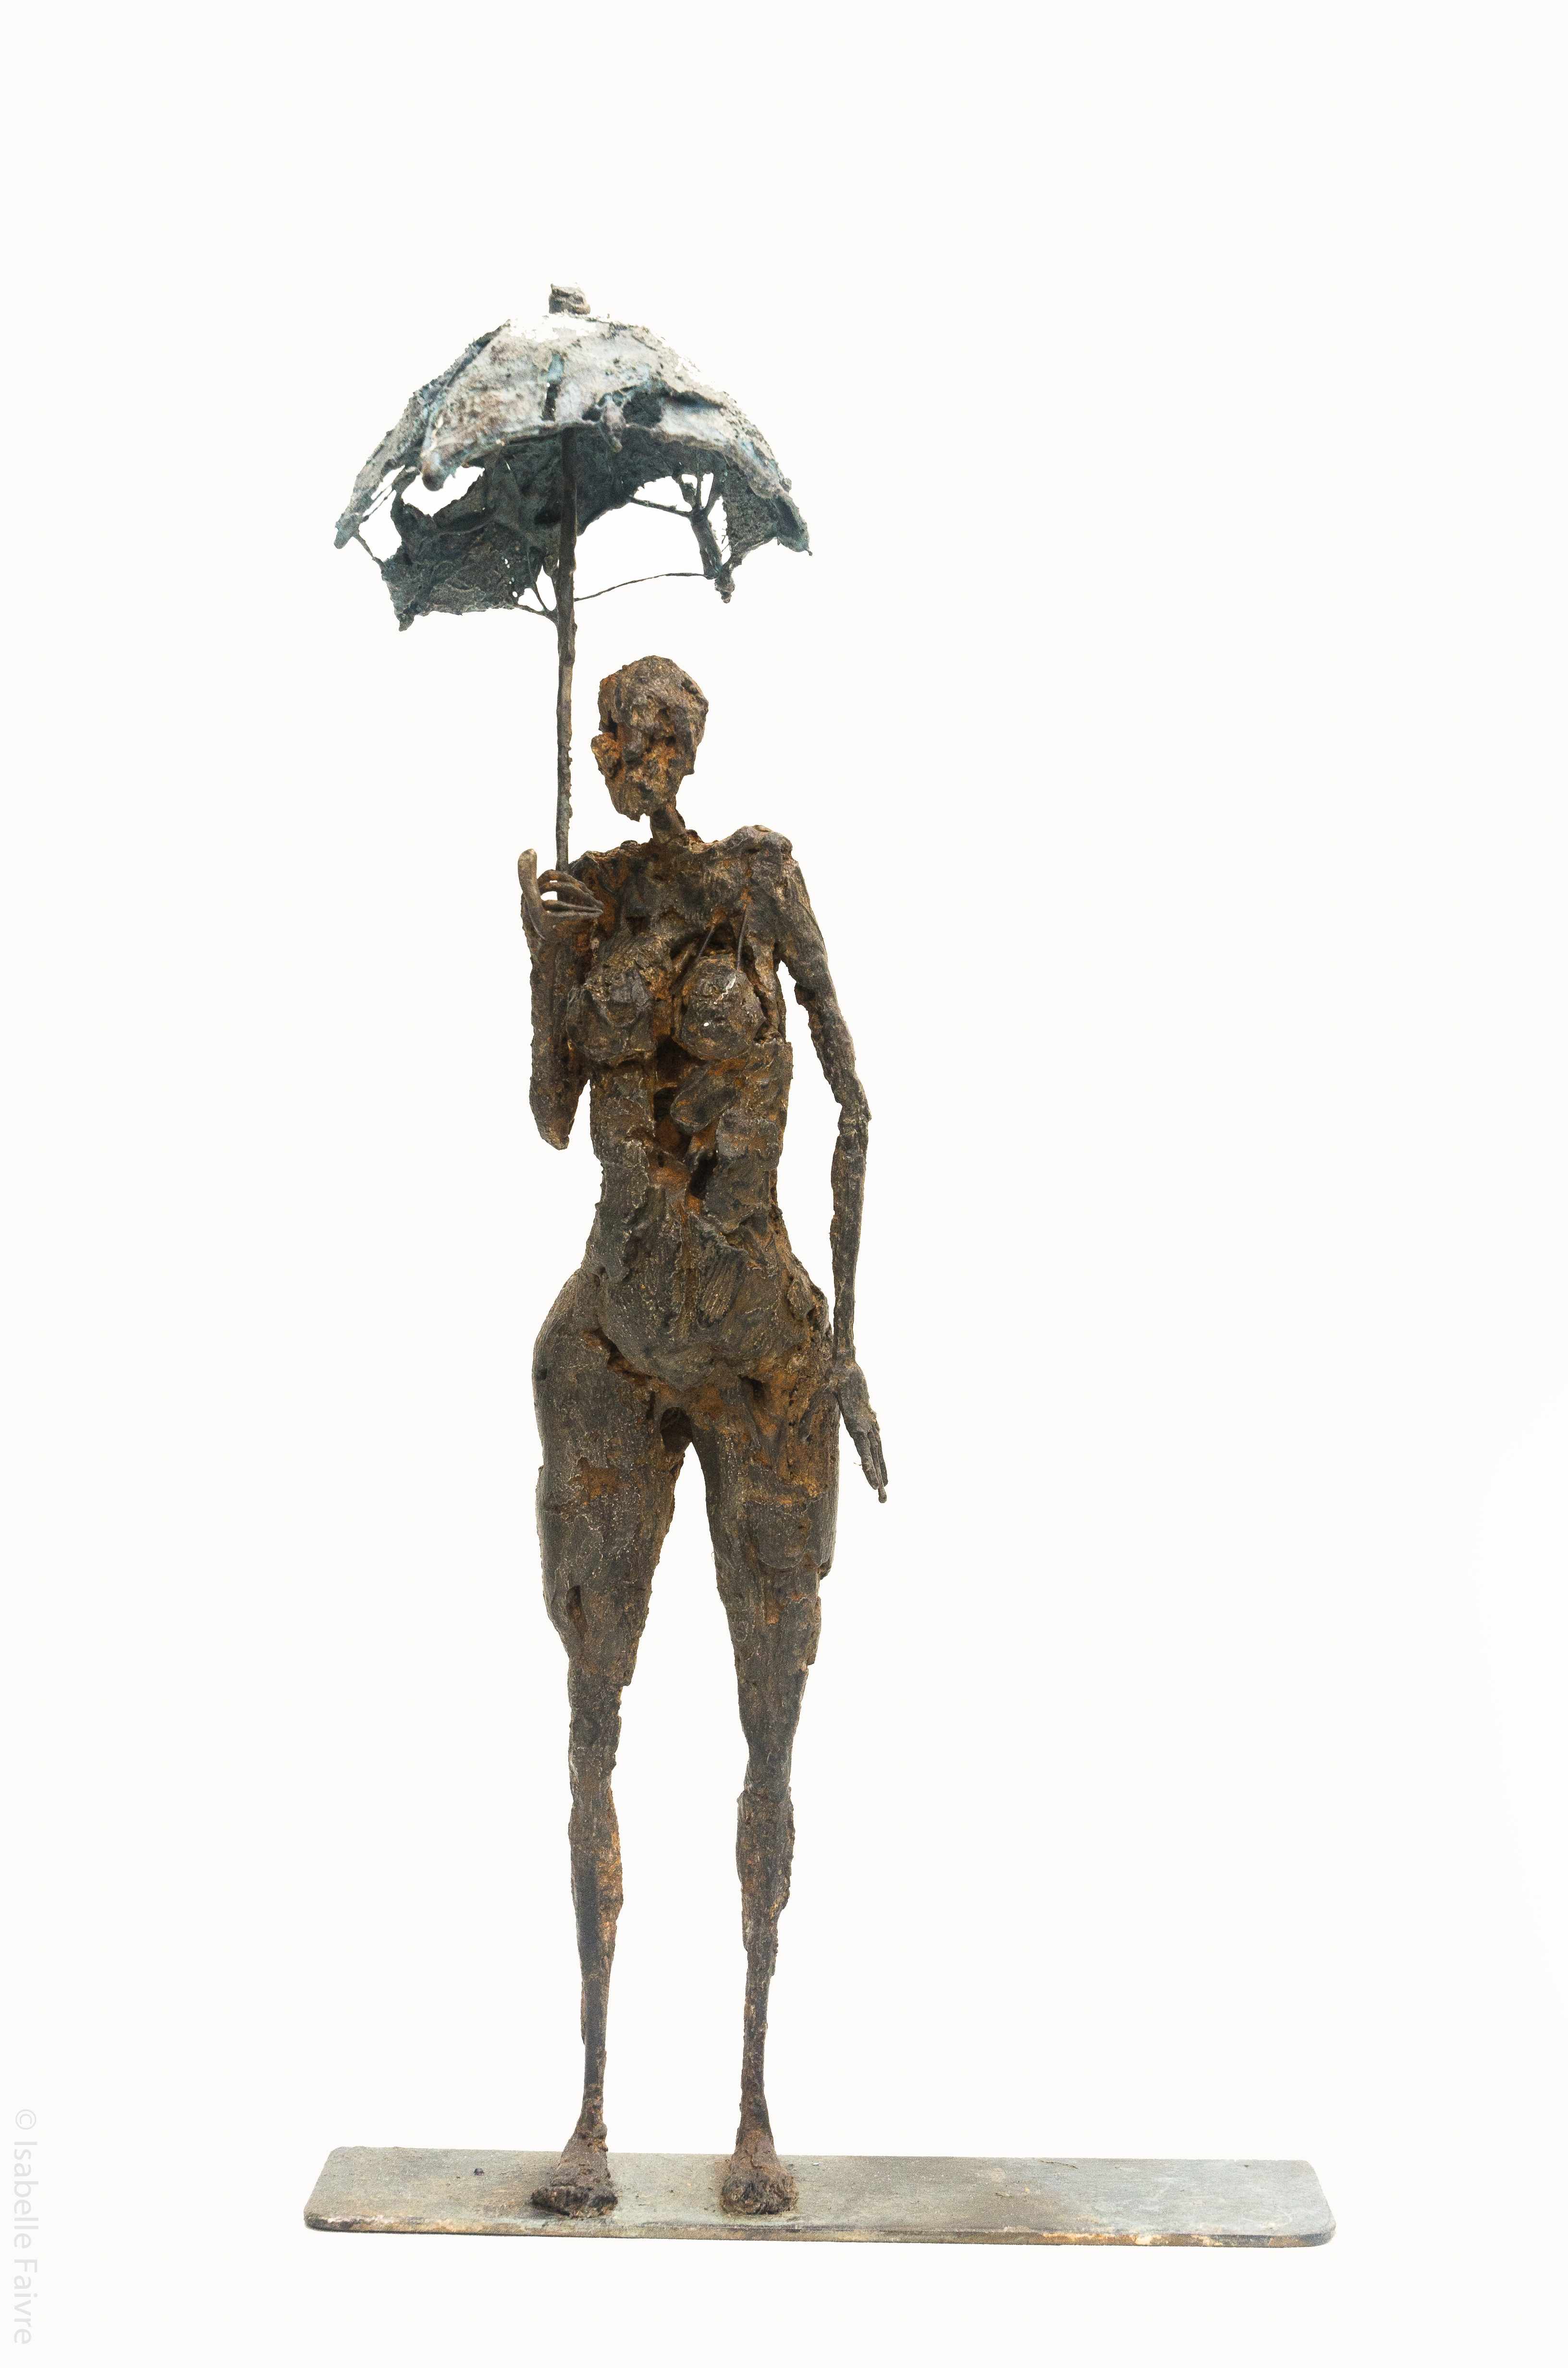 Platre 2017 : Sophie jouan artiste sculpteur